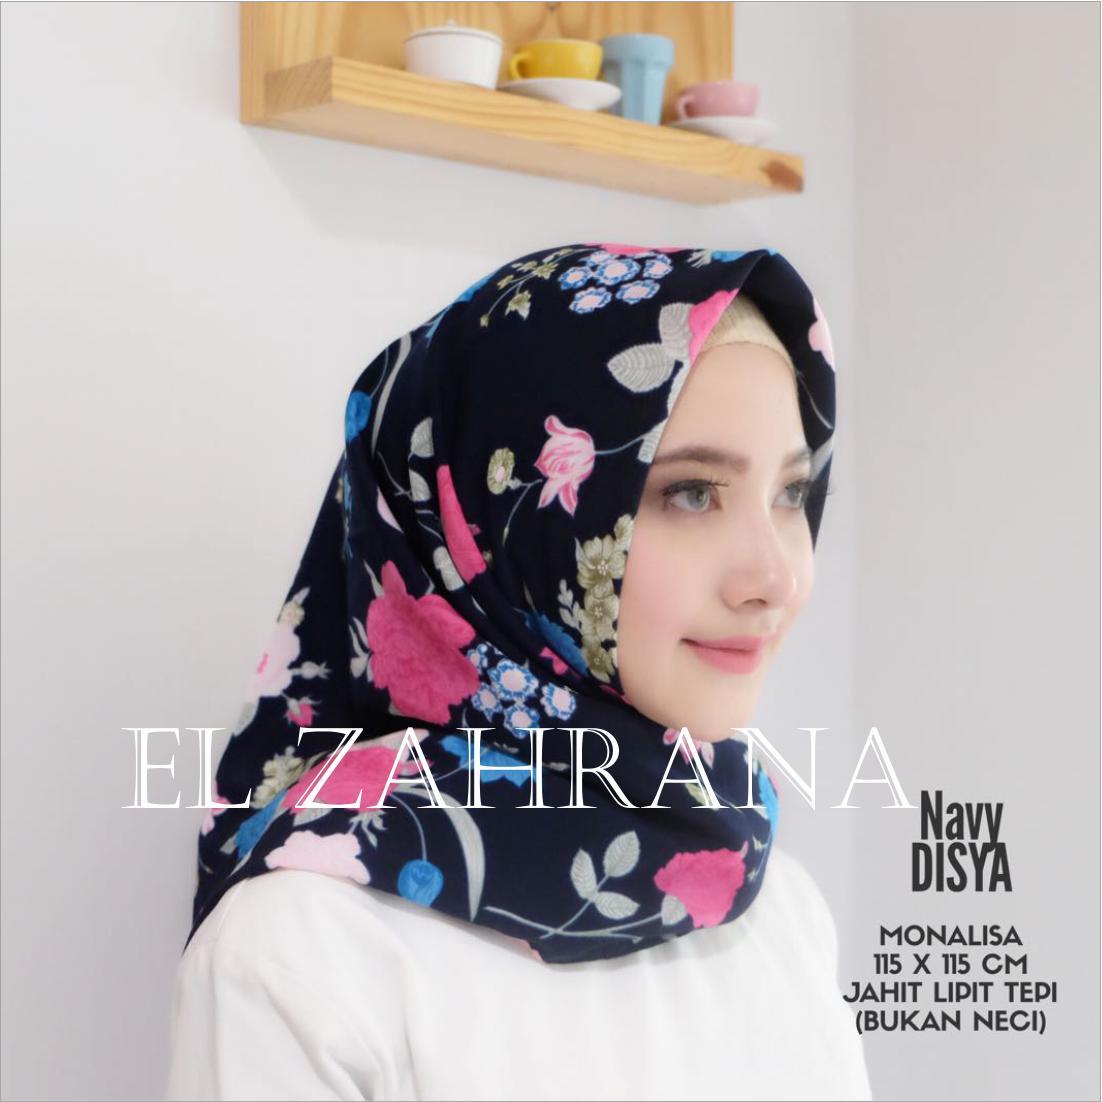 Beli El Zahrana Hijab Kerudung Segi Empat Jilbab Motif Premium Monalisa Di Jawa Timur